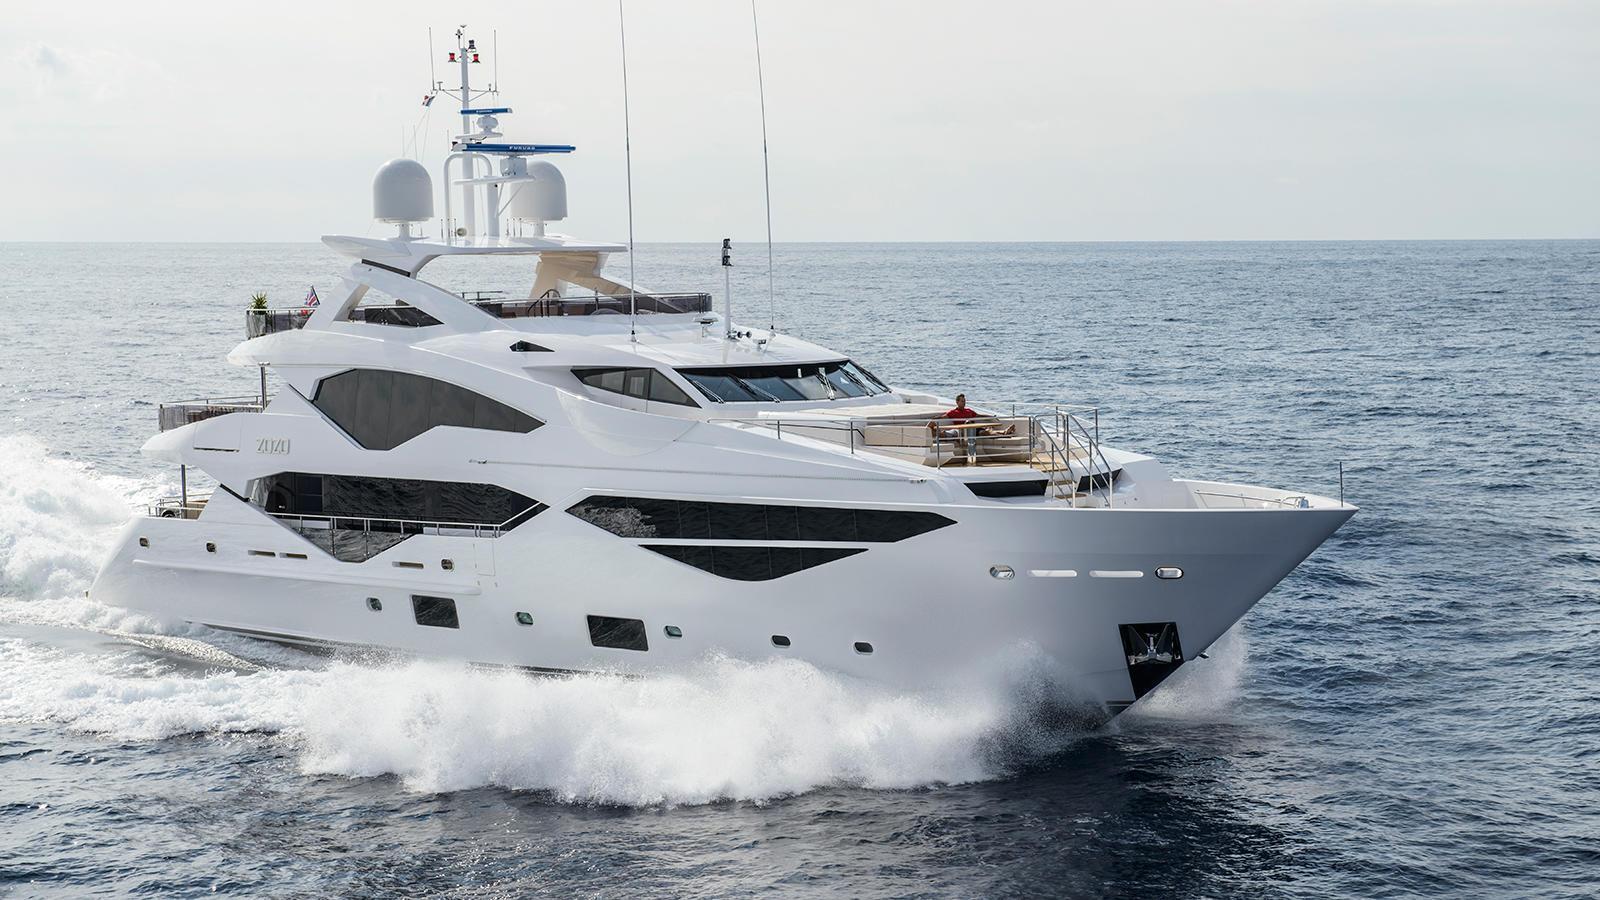 Sunseeker 131 motoryacht sunseeker 40m 2019 side profile sistership